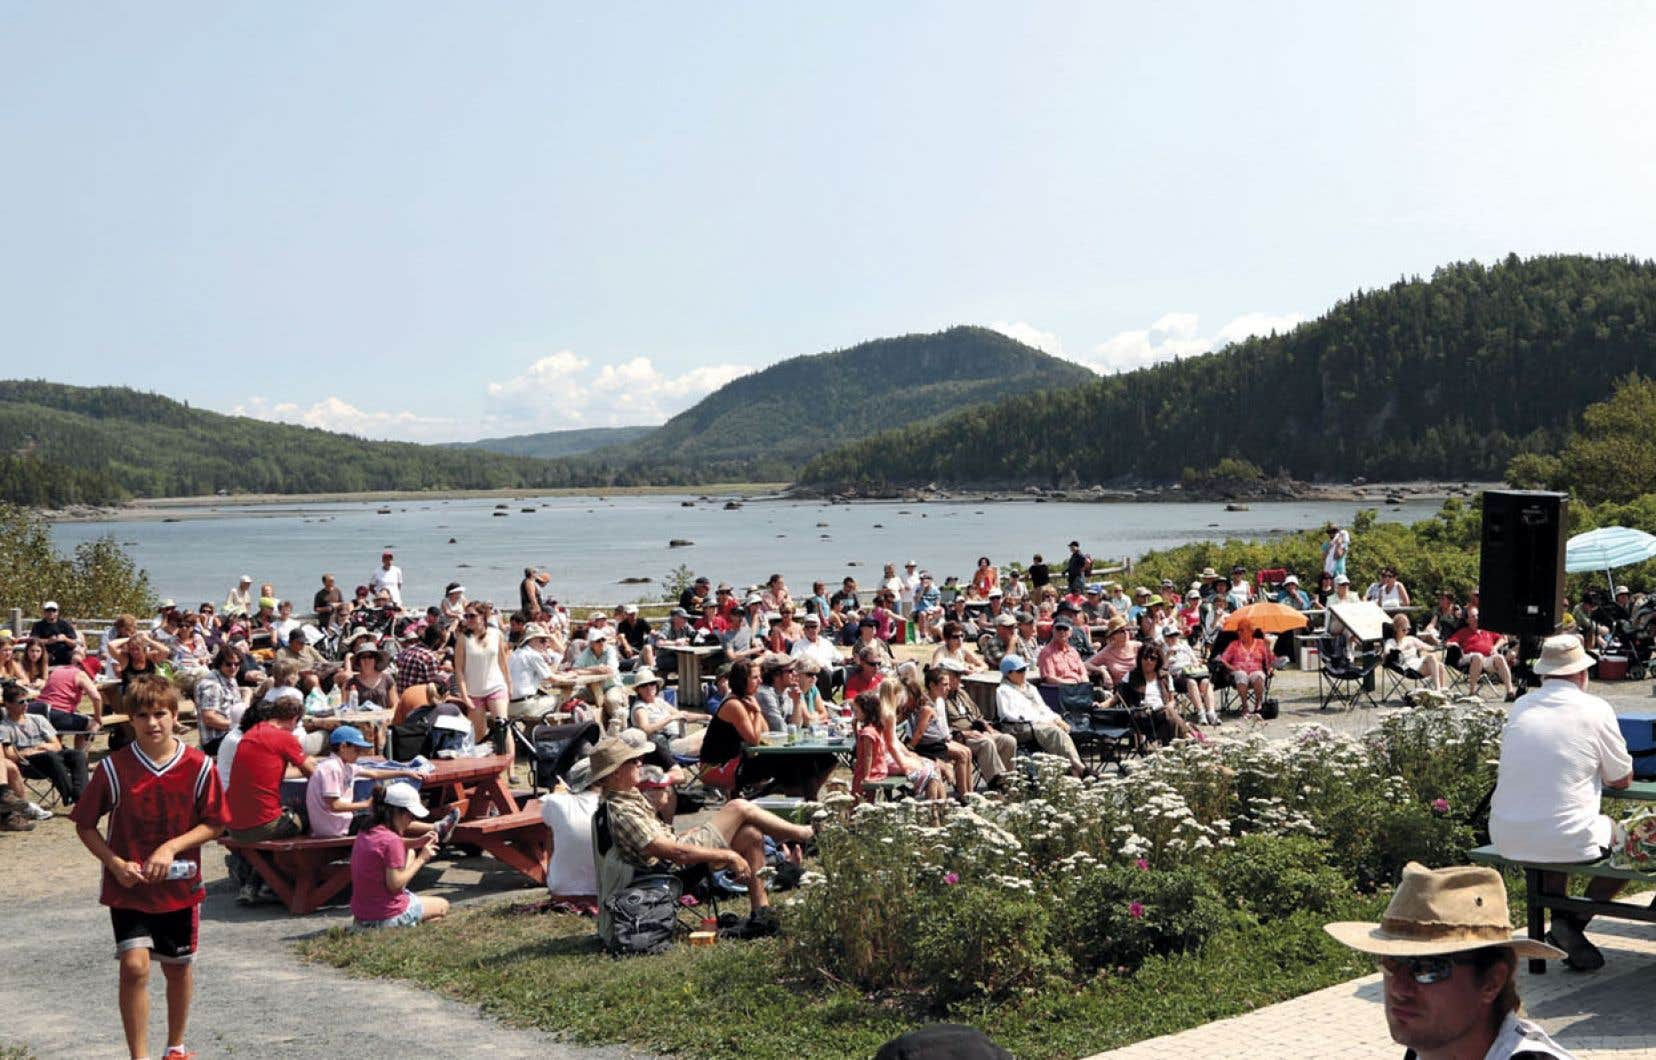 Le festival se tiendra cette année du 4 au 12 août.